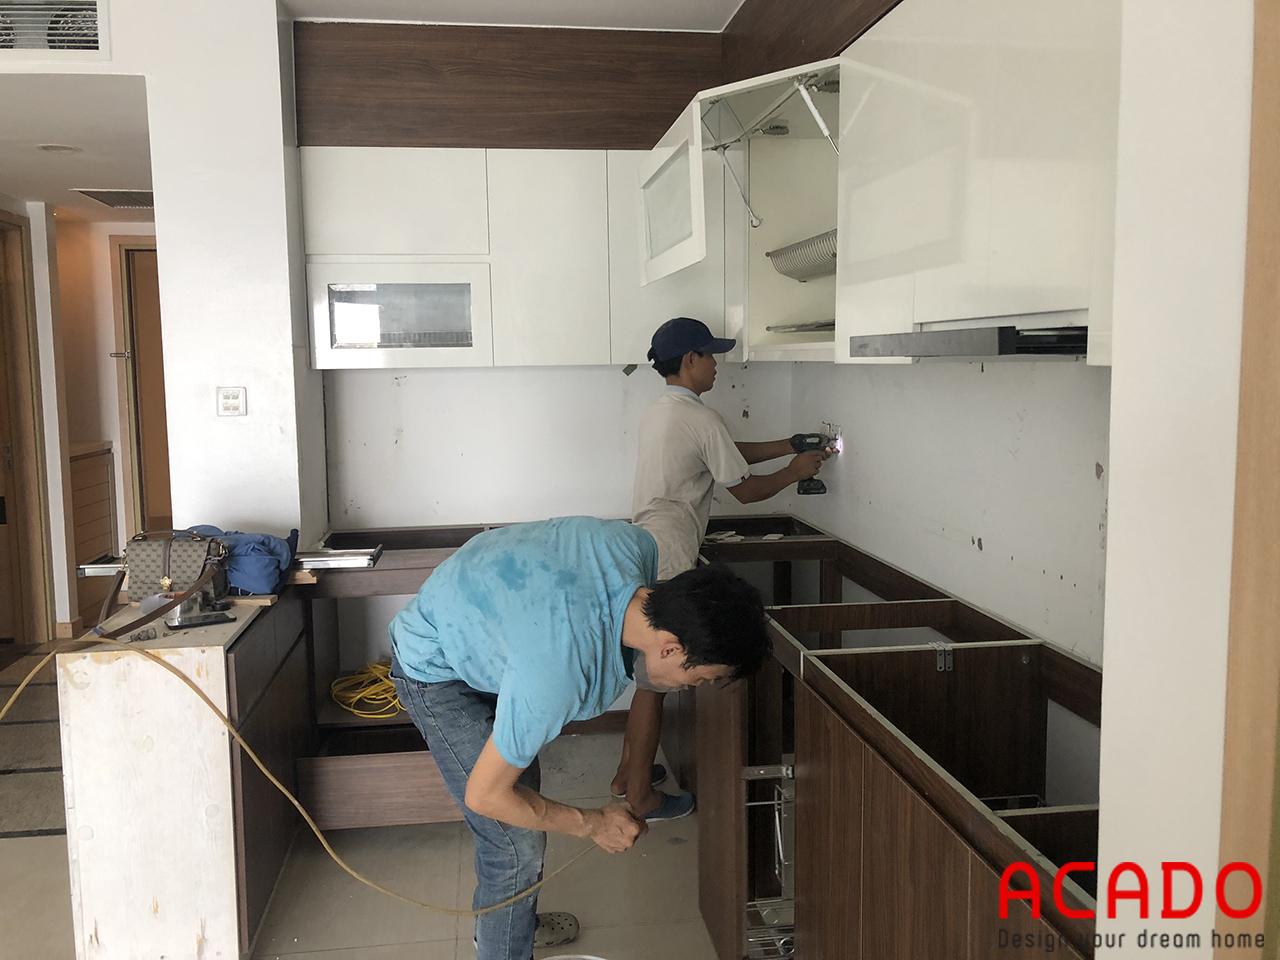 Thợ thi công vẫn đang tiến hành lắp đặt tủ bếp - Làm tủ bếp tại Khuất Duy Tiến , Thanh Xuân